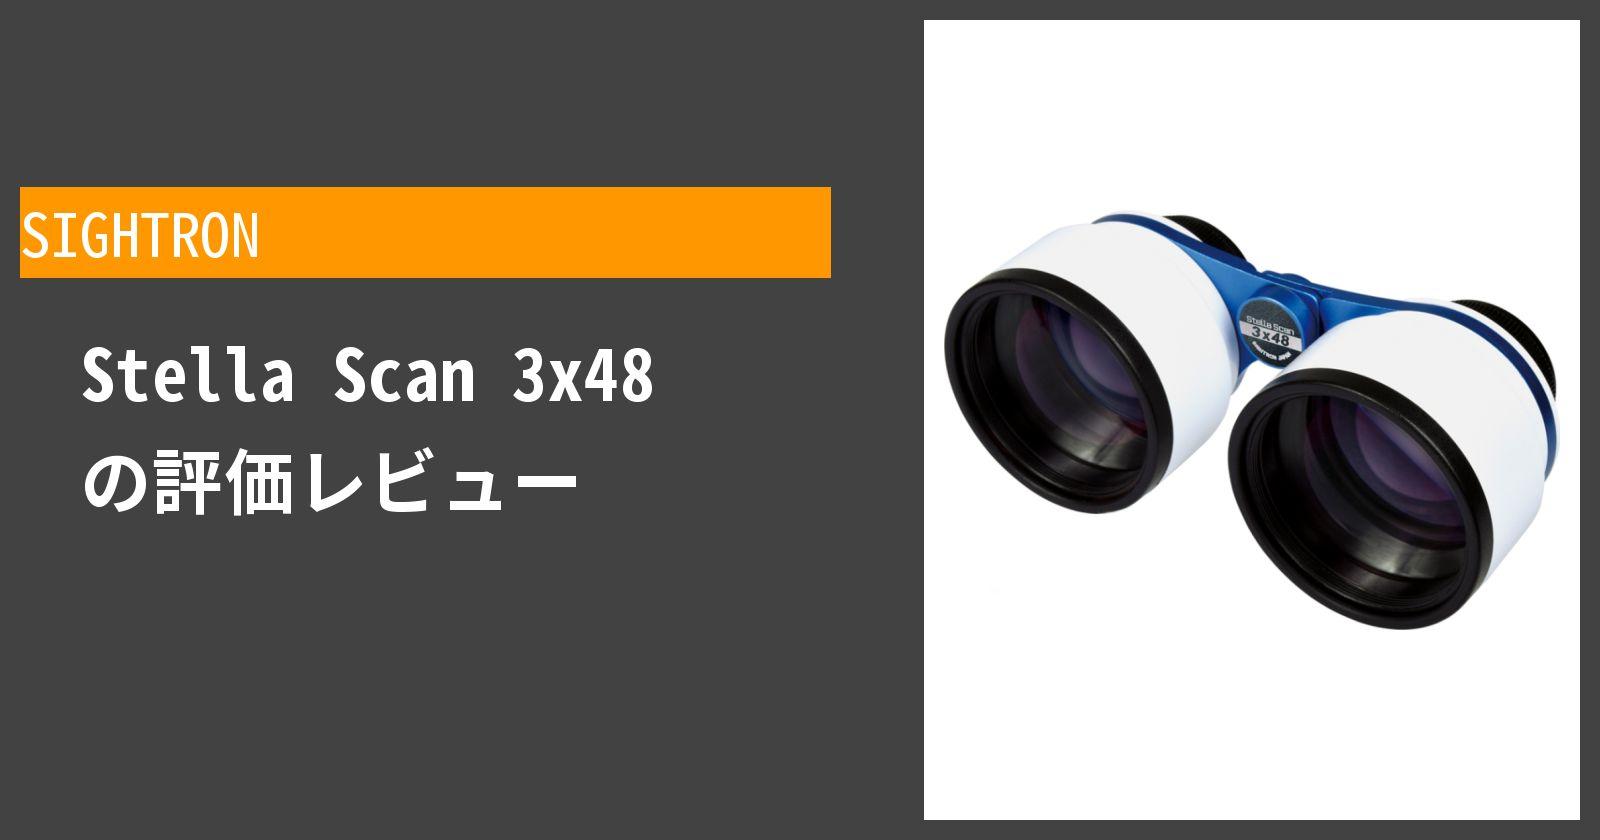 Stella Scan 3x48を徹底評価